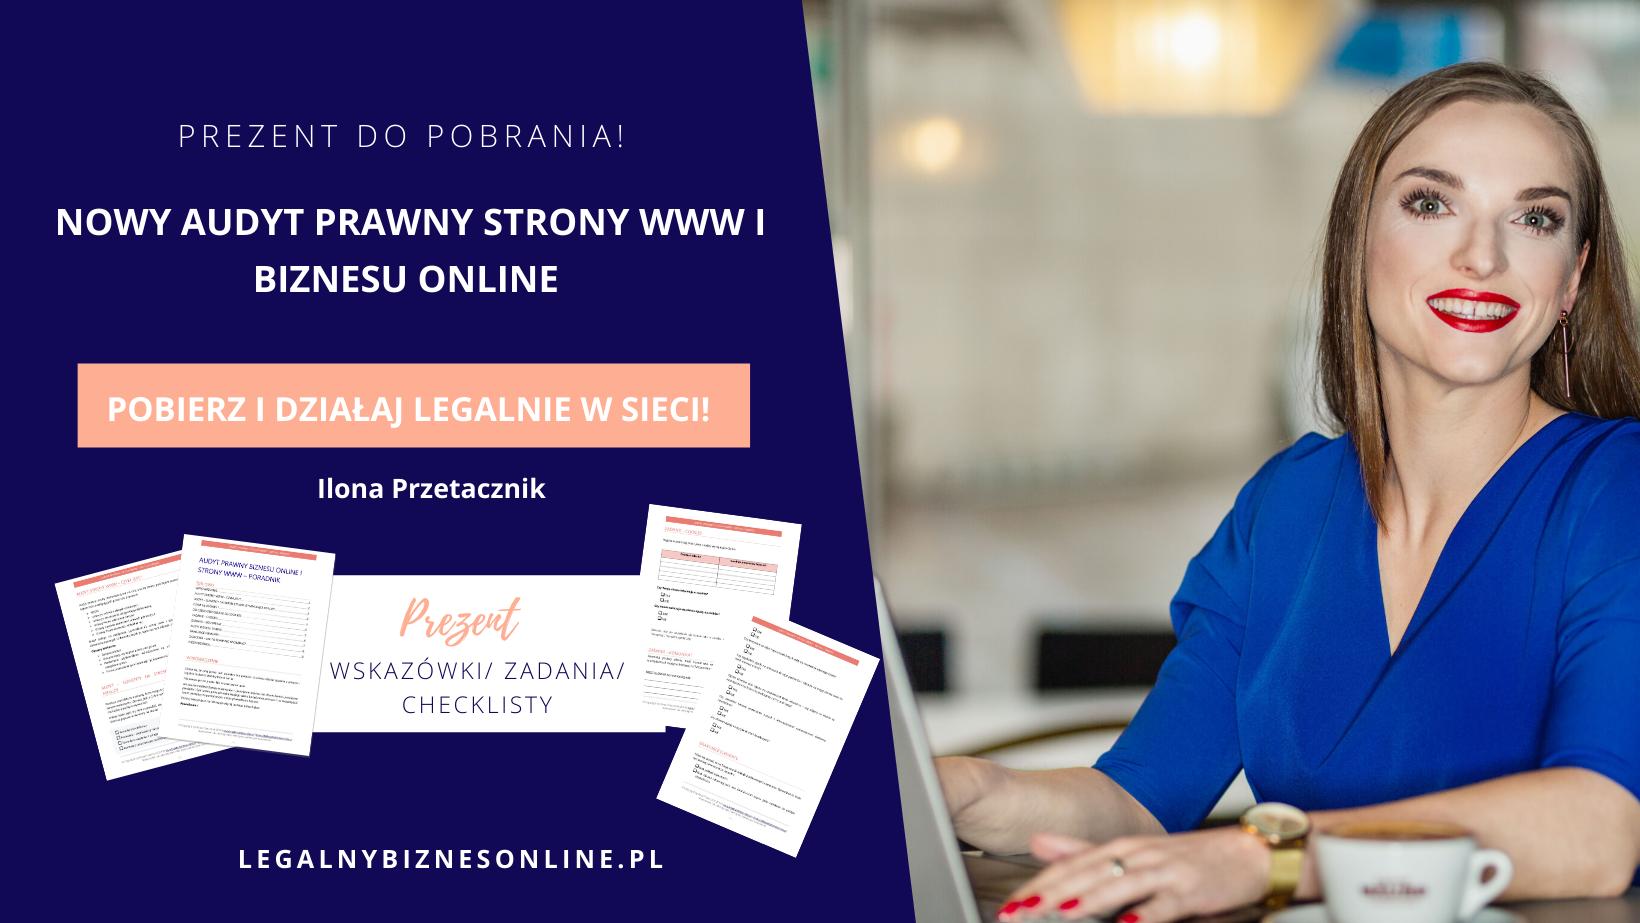 Audyt prawny biznesu online istrony www